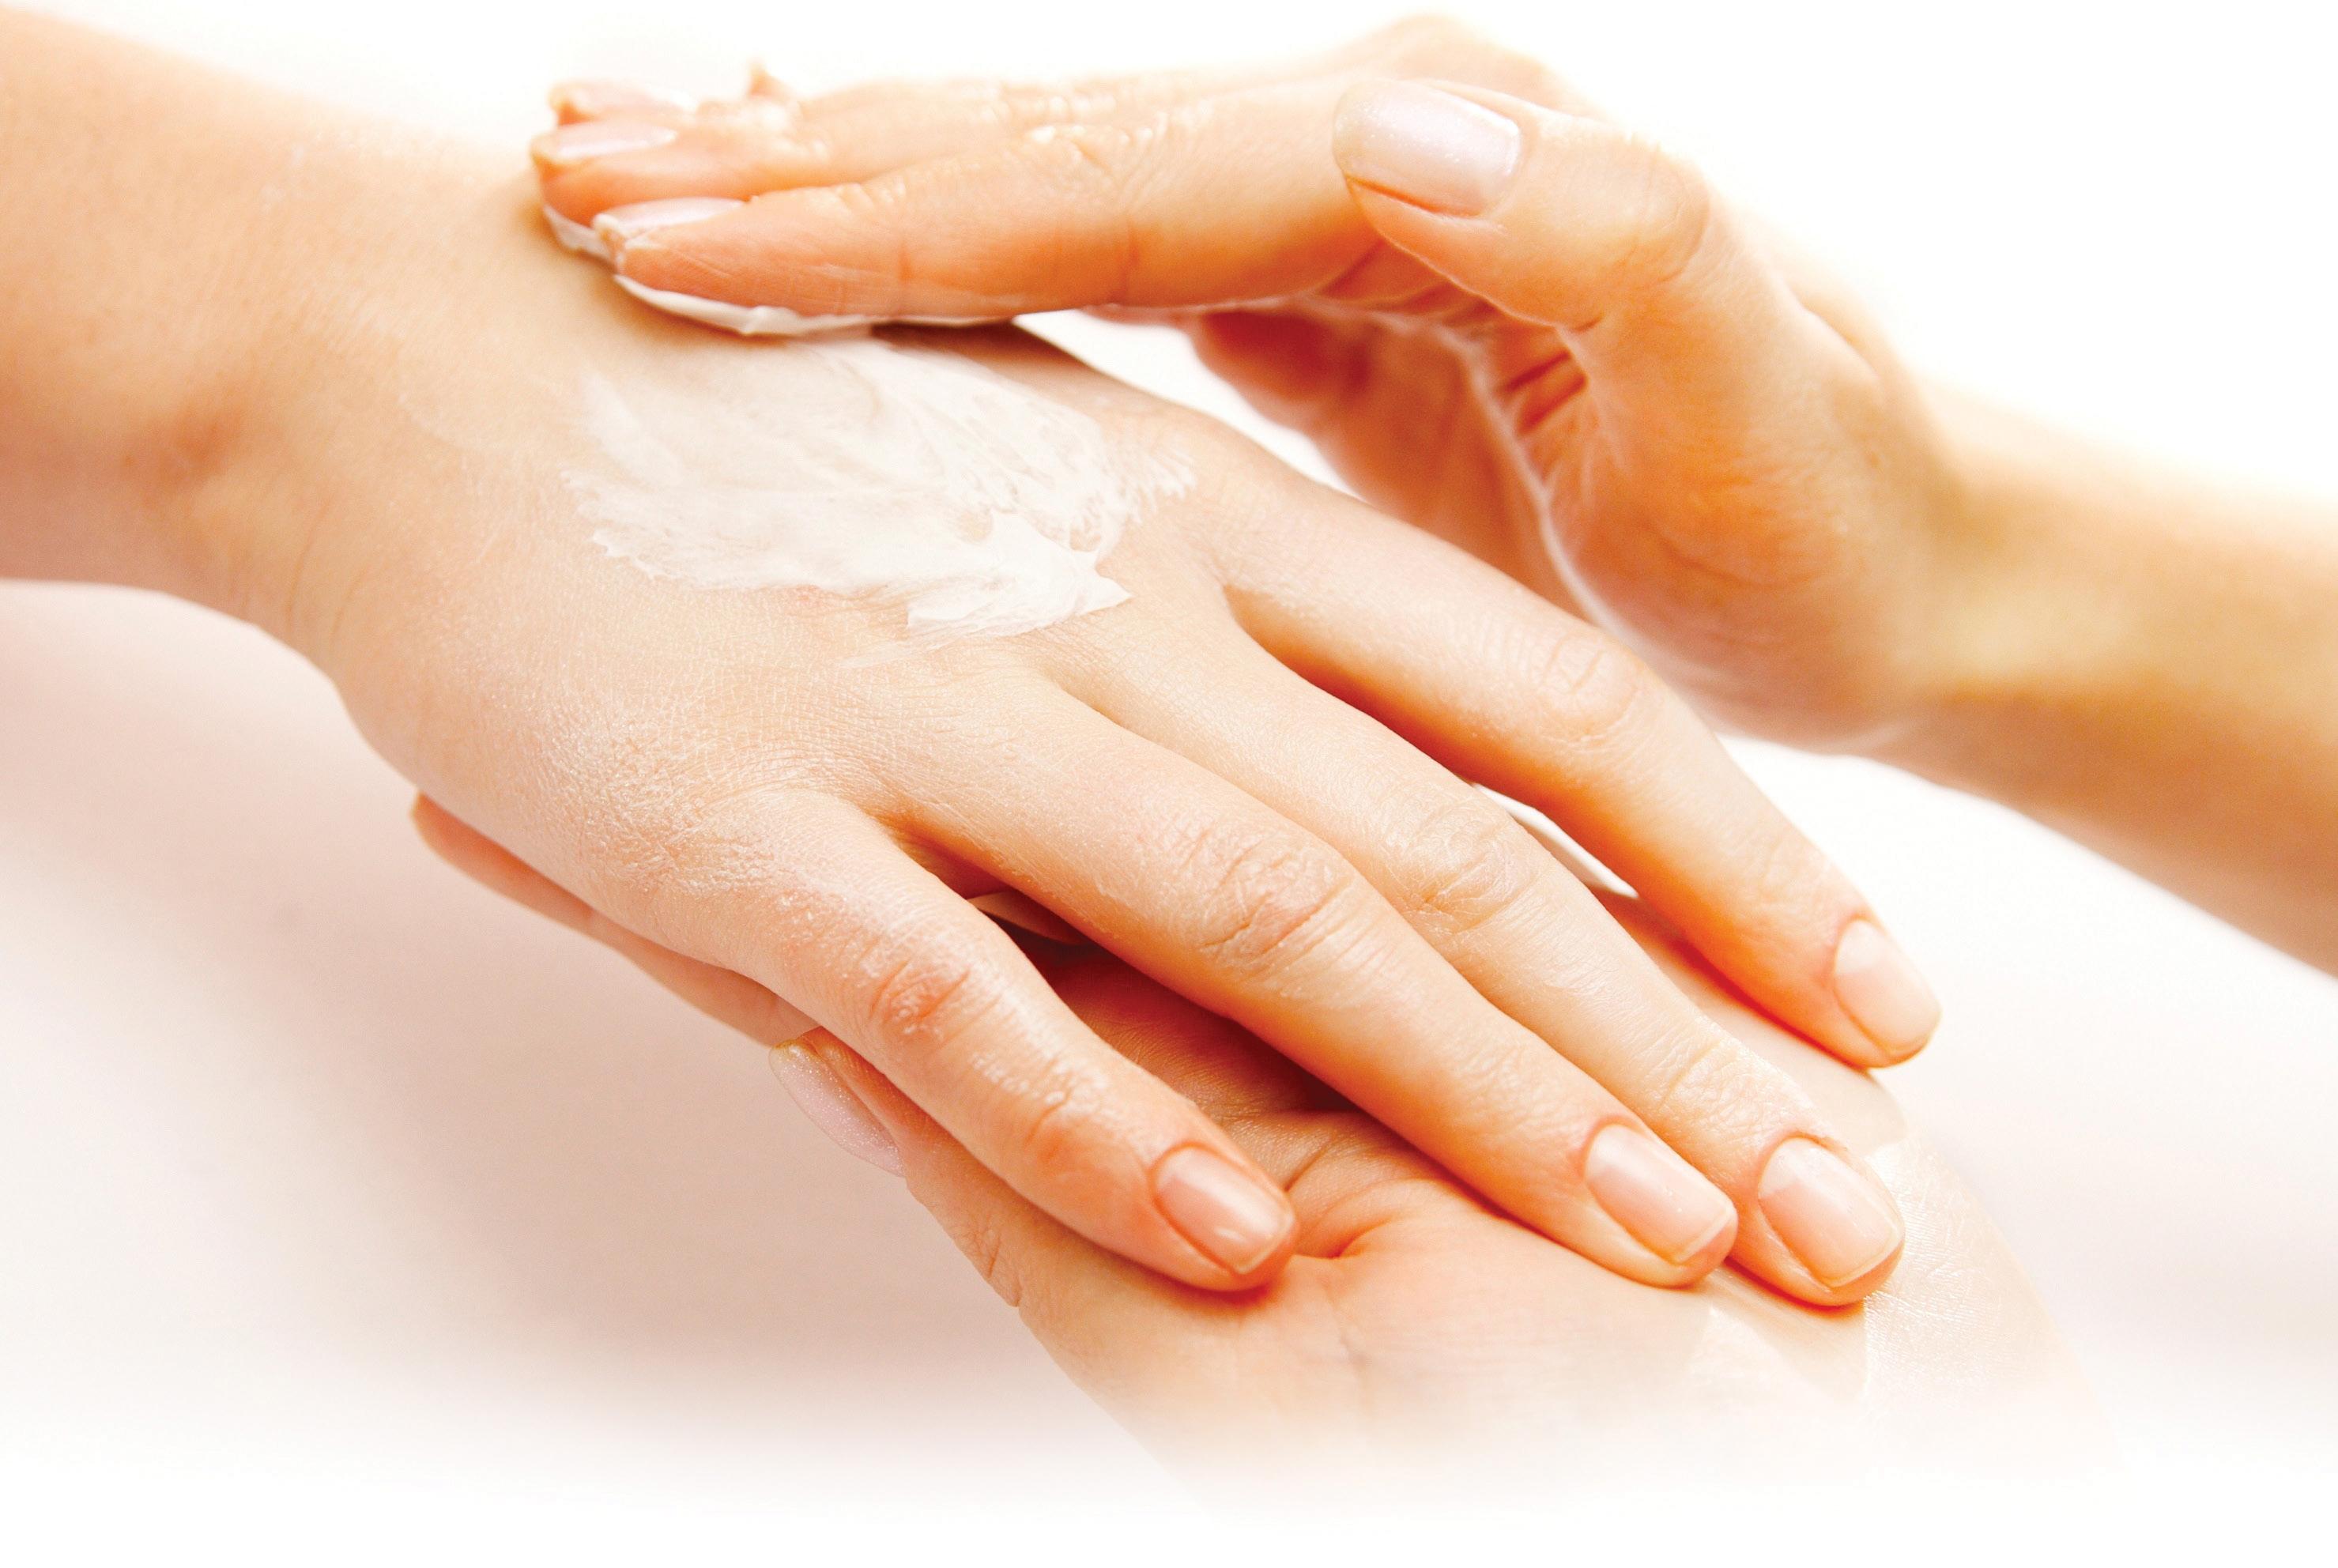 Die Behandlung für schöne Hände | SpringerLink